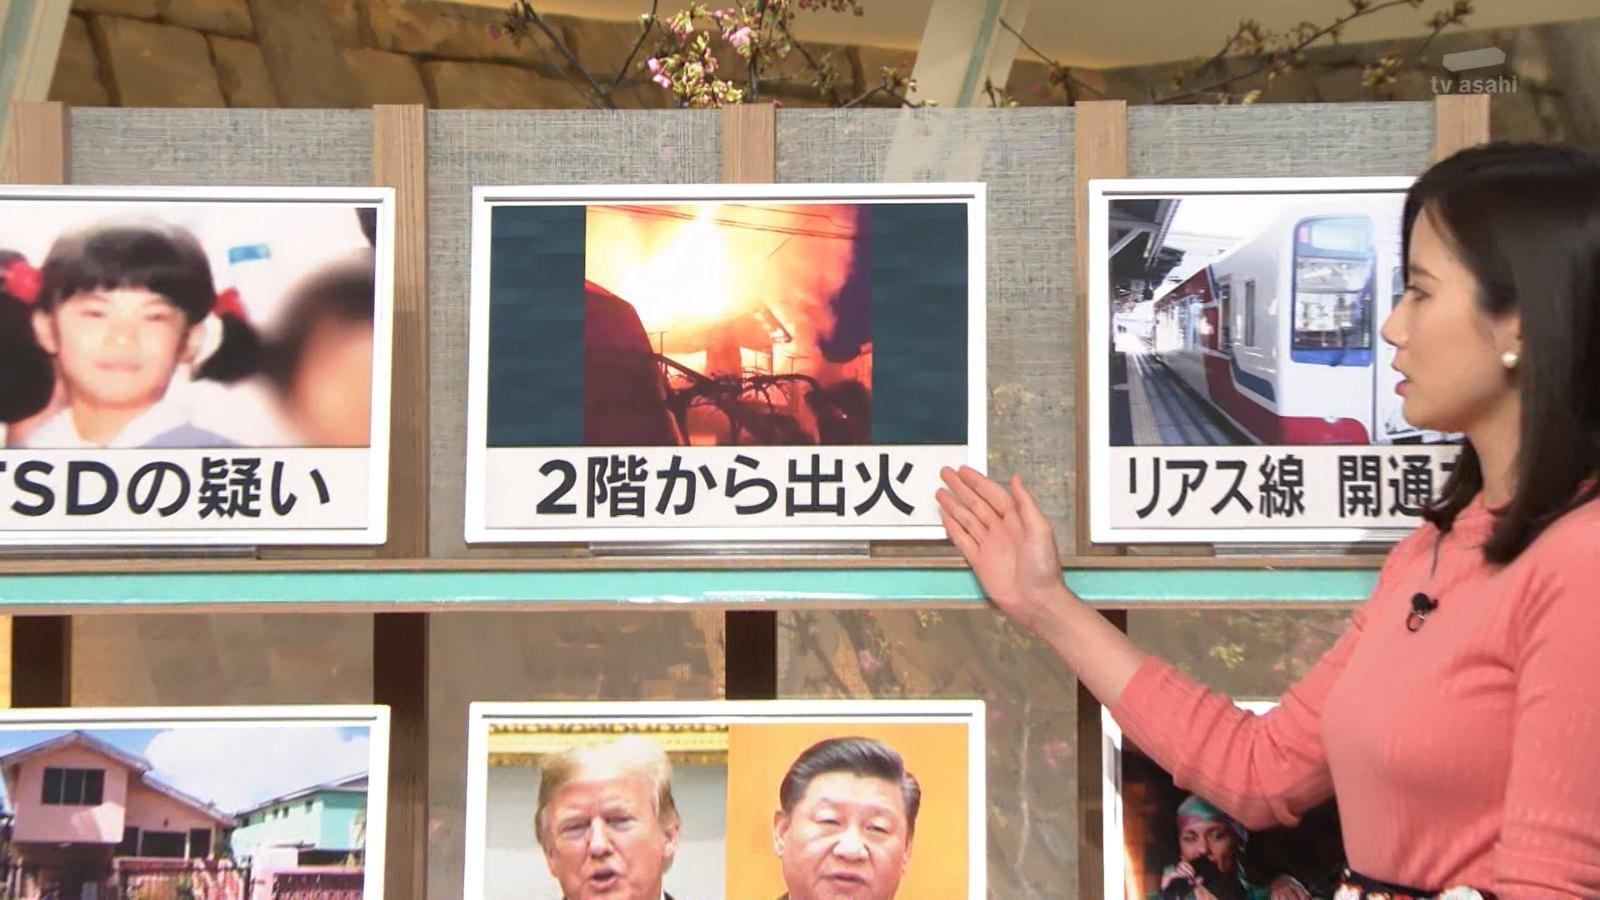 2019年2月11日テレビ朝日「報道ステーション」森川夕貴さんのテレビキャプチャー画像-070